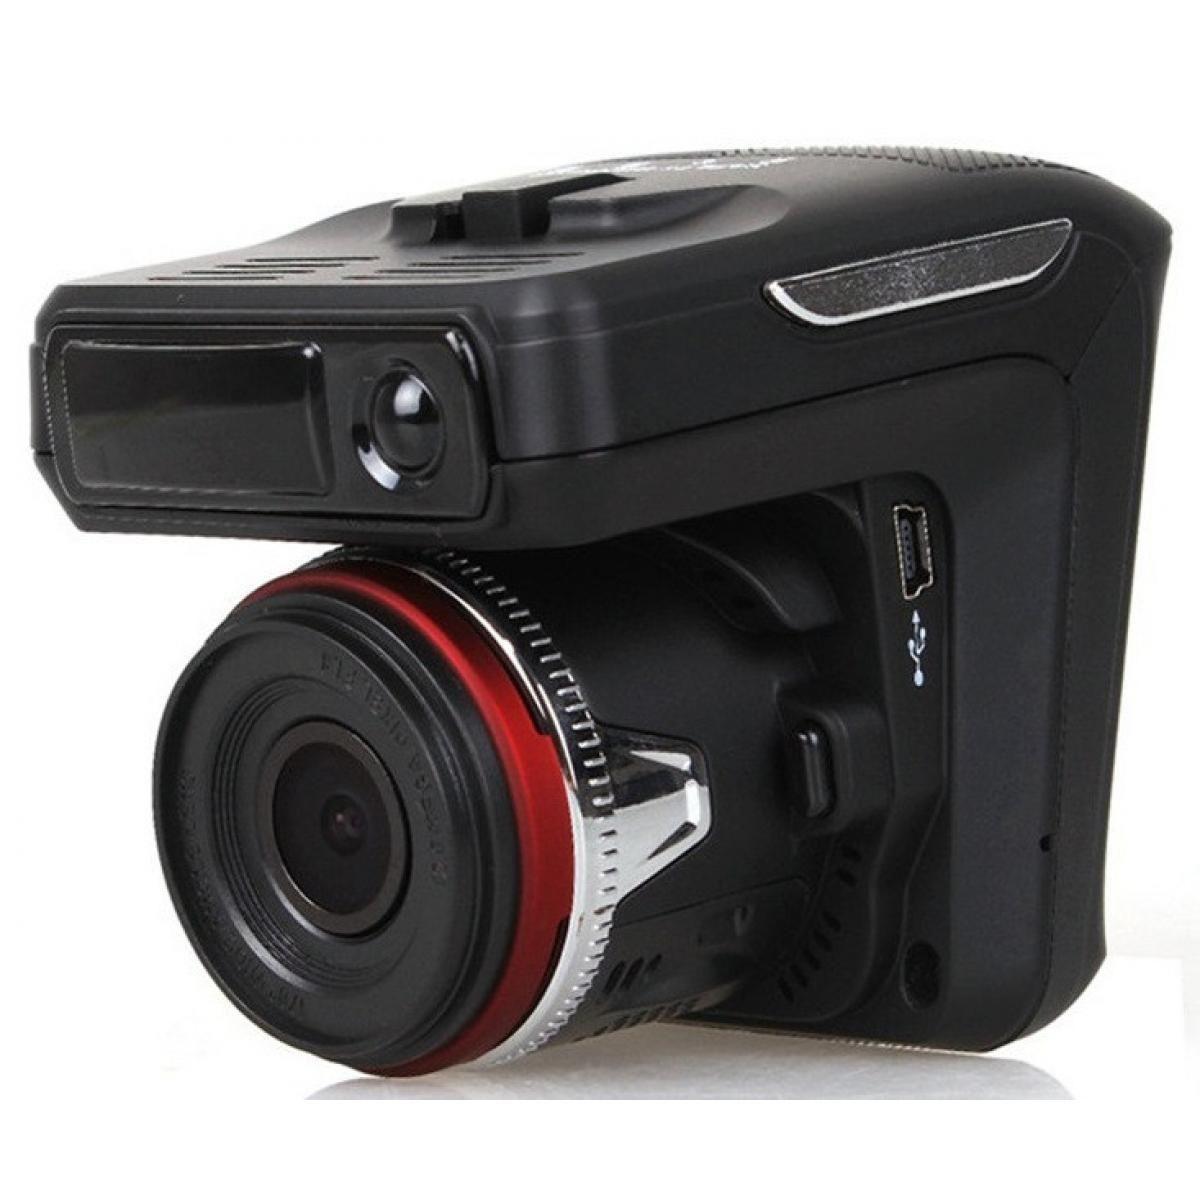 Автомобильный видеорегистратор Radar video X7 FullHD 1080p с радар-детектором